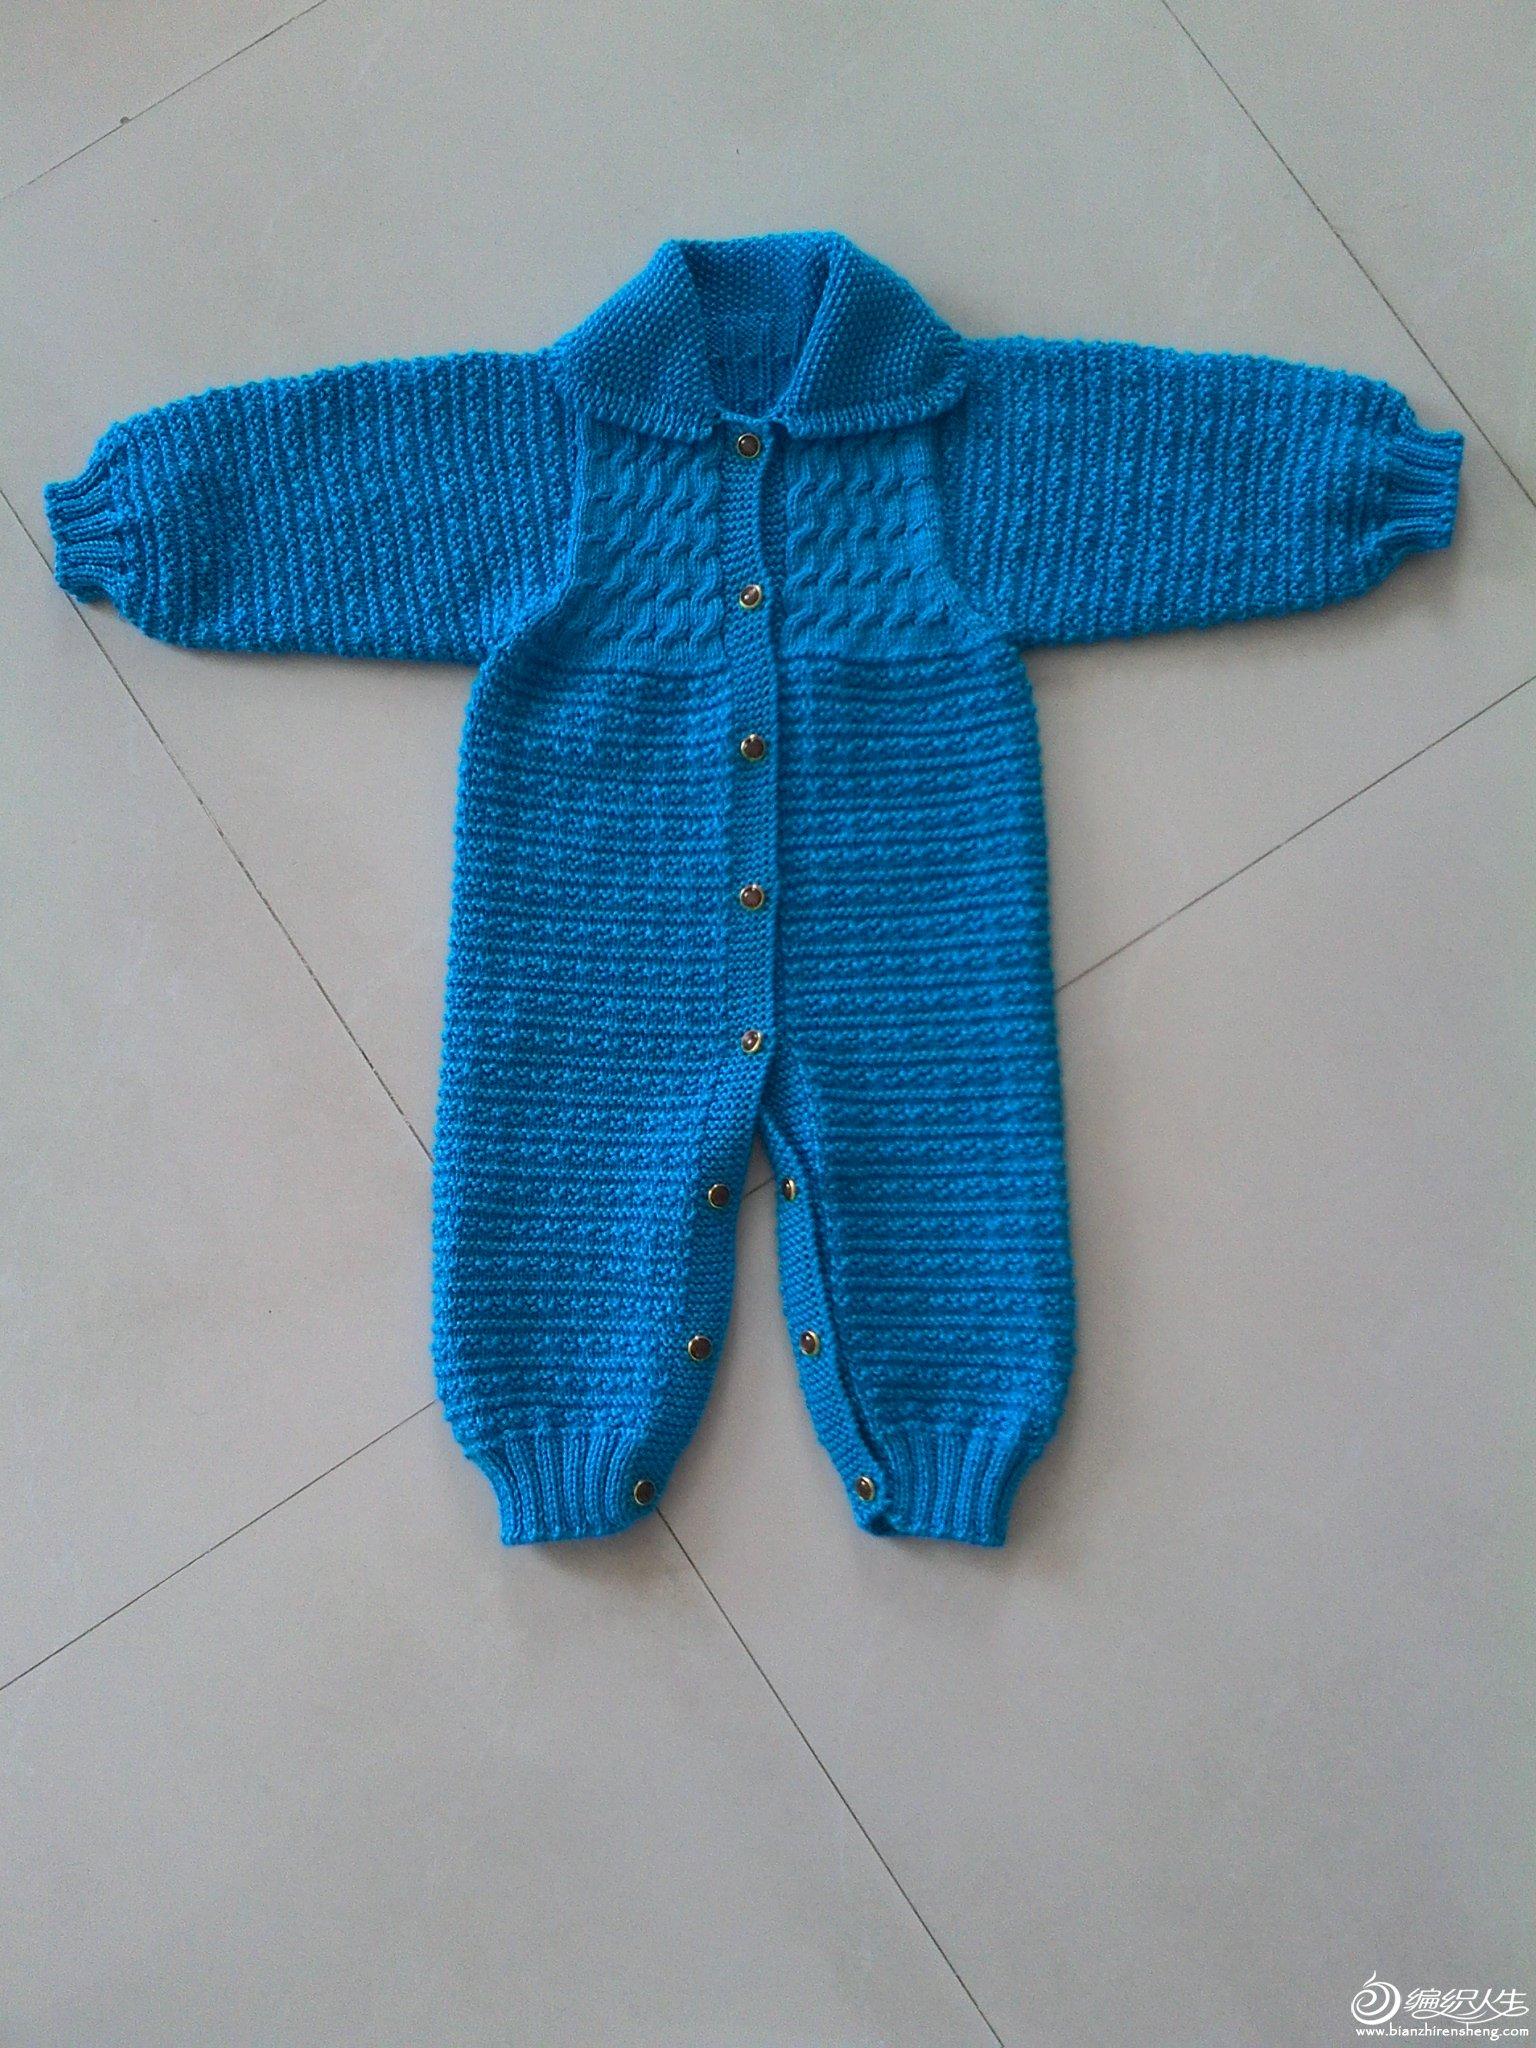 宝宝毛衣 61  钩件宝宝衣送朋友家的 61  出售宝宝的可爱马甲